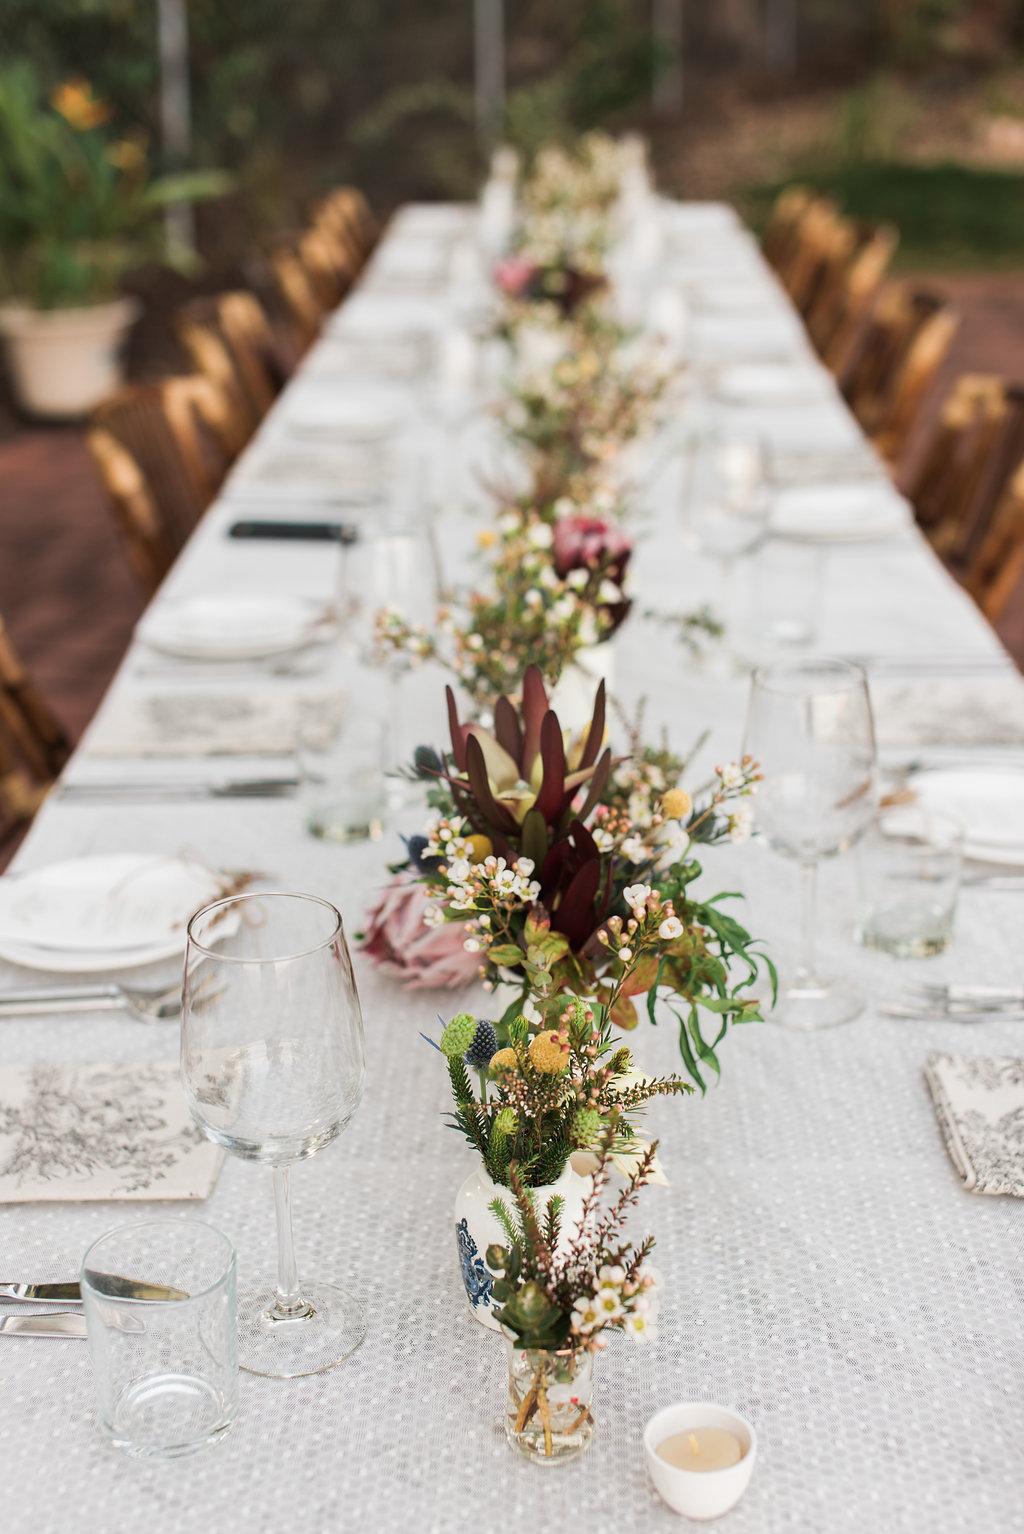 peewees_wedding_table.jpg